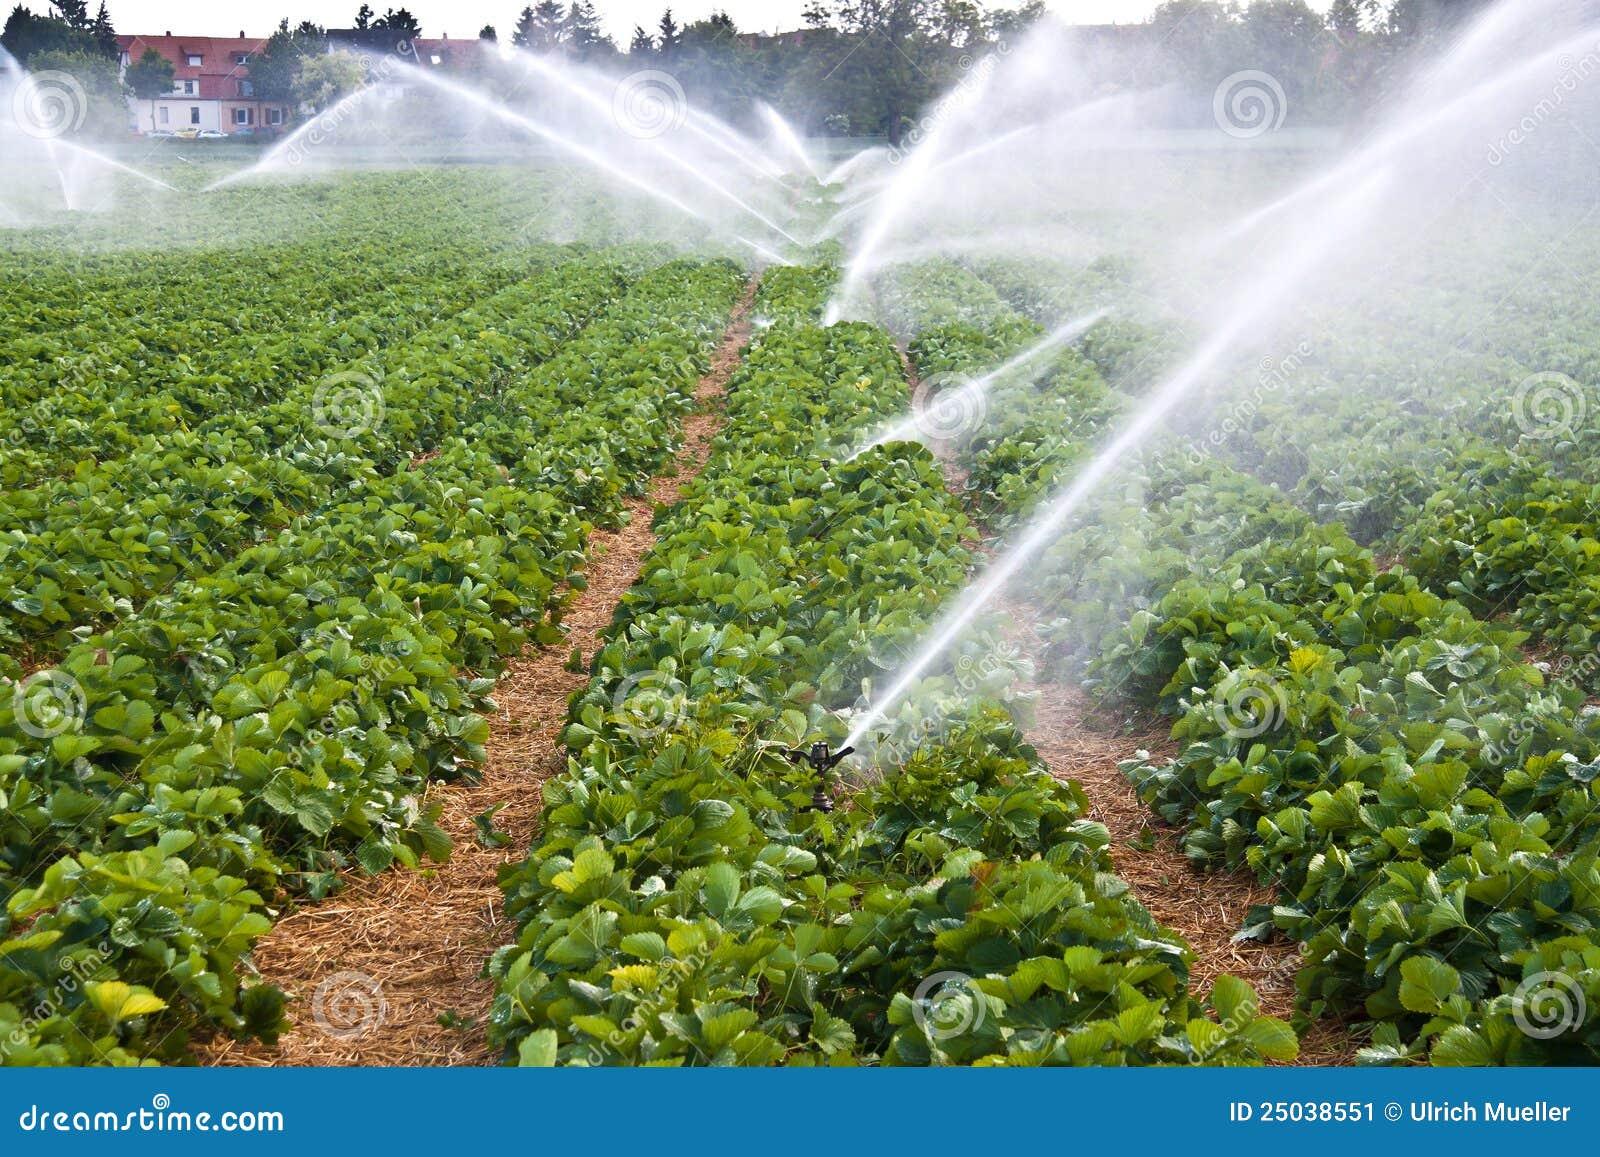 ύδωρ ψεκασμού γεωργίας